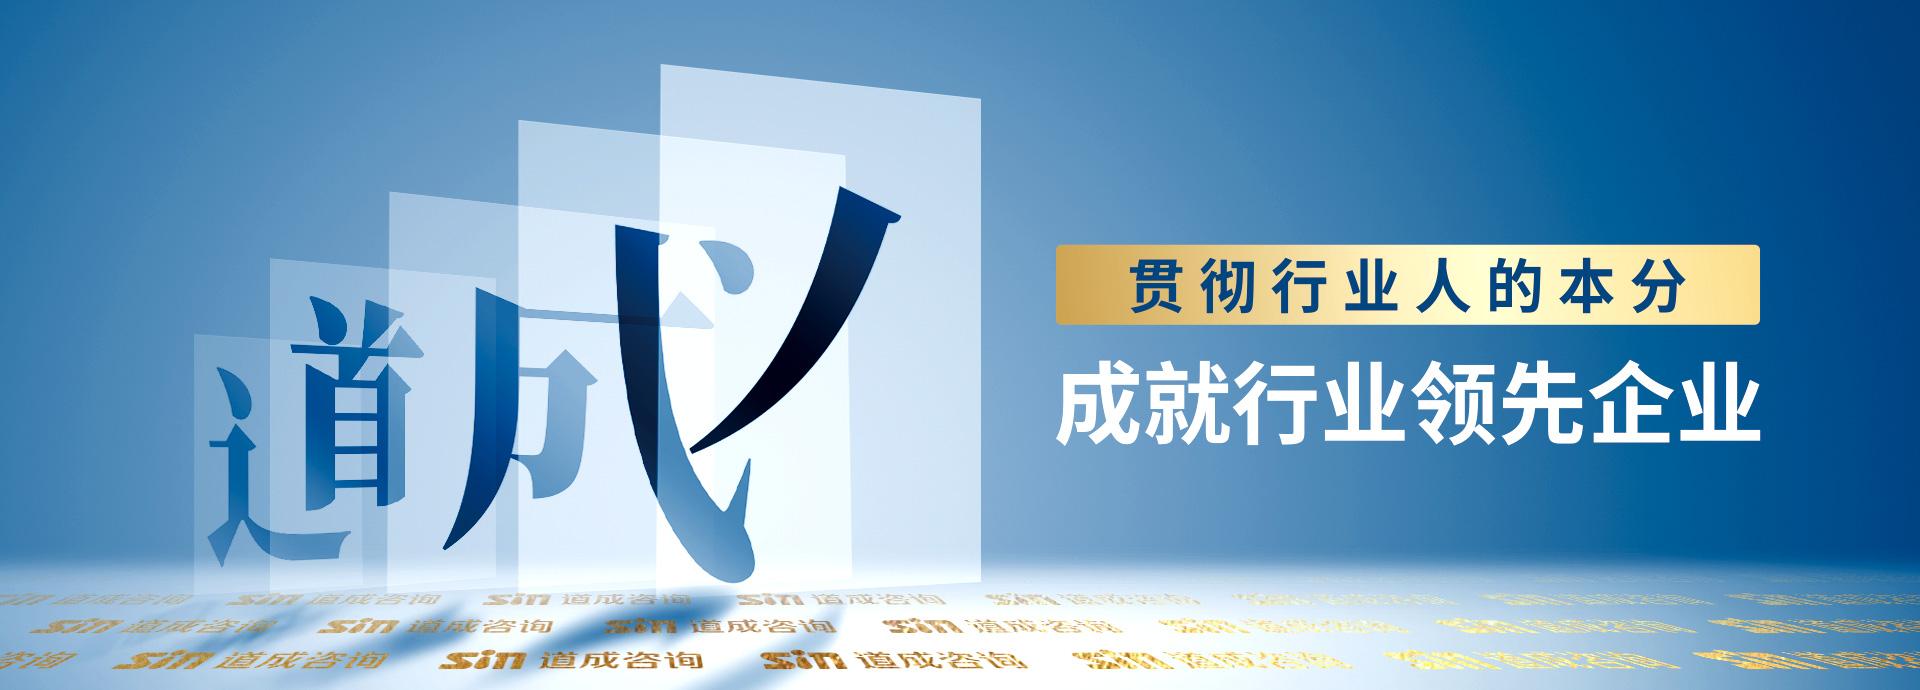 广州道成咨询-客户与案例-阿米巴企业家心声banner